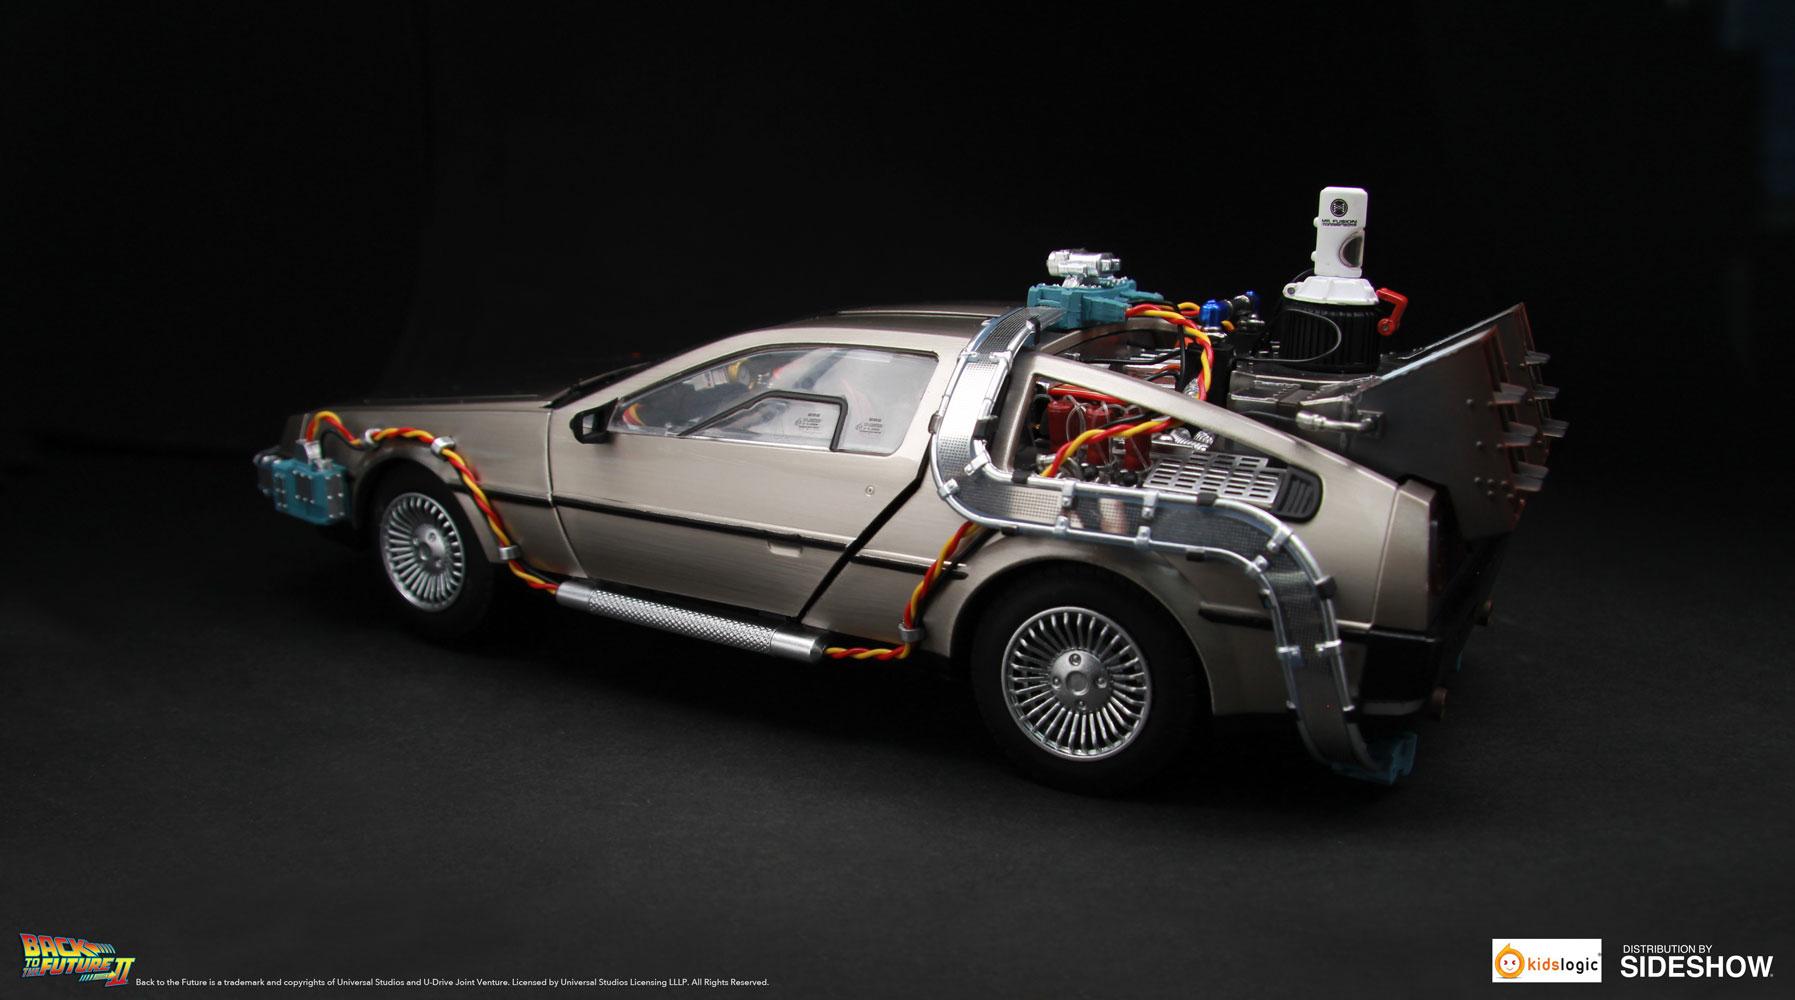 DeLorean Time Machine Collectible Figure